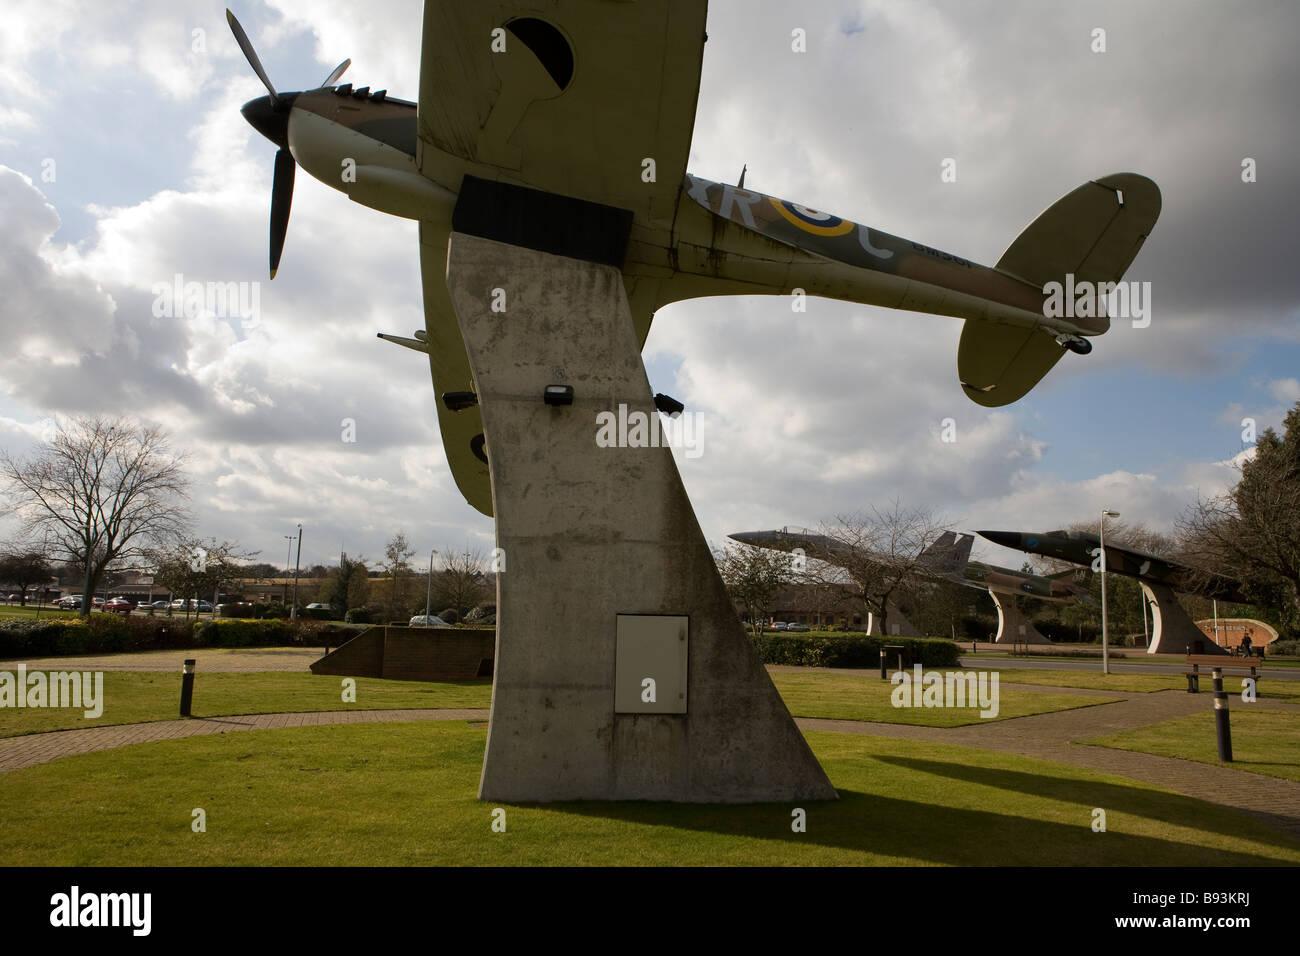 us military base mildenhall uk - Stock Image